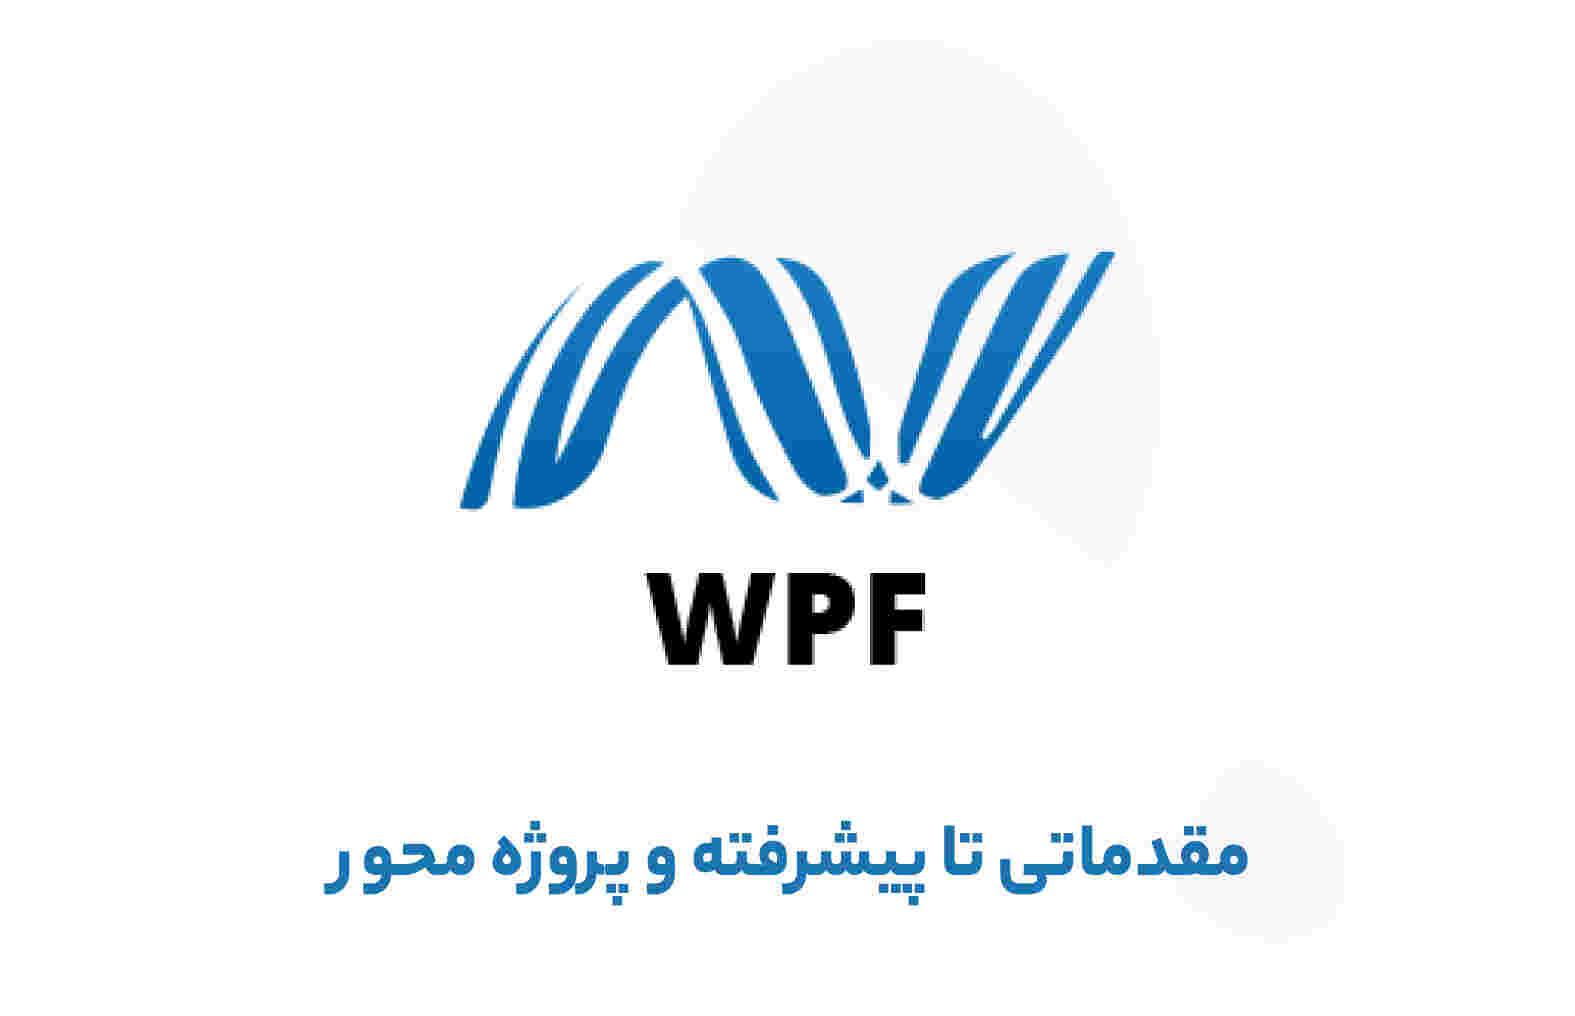 آموزش WPF مقدماتی تا پیشرفته و پروژه محور ( آپدیت 2020 )